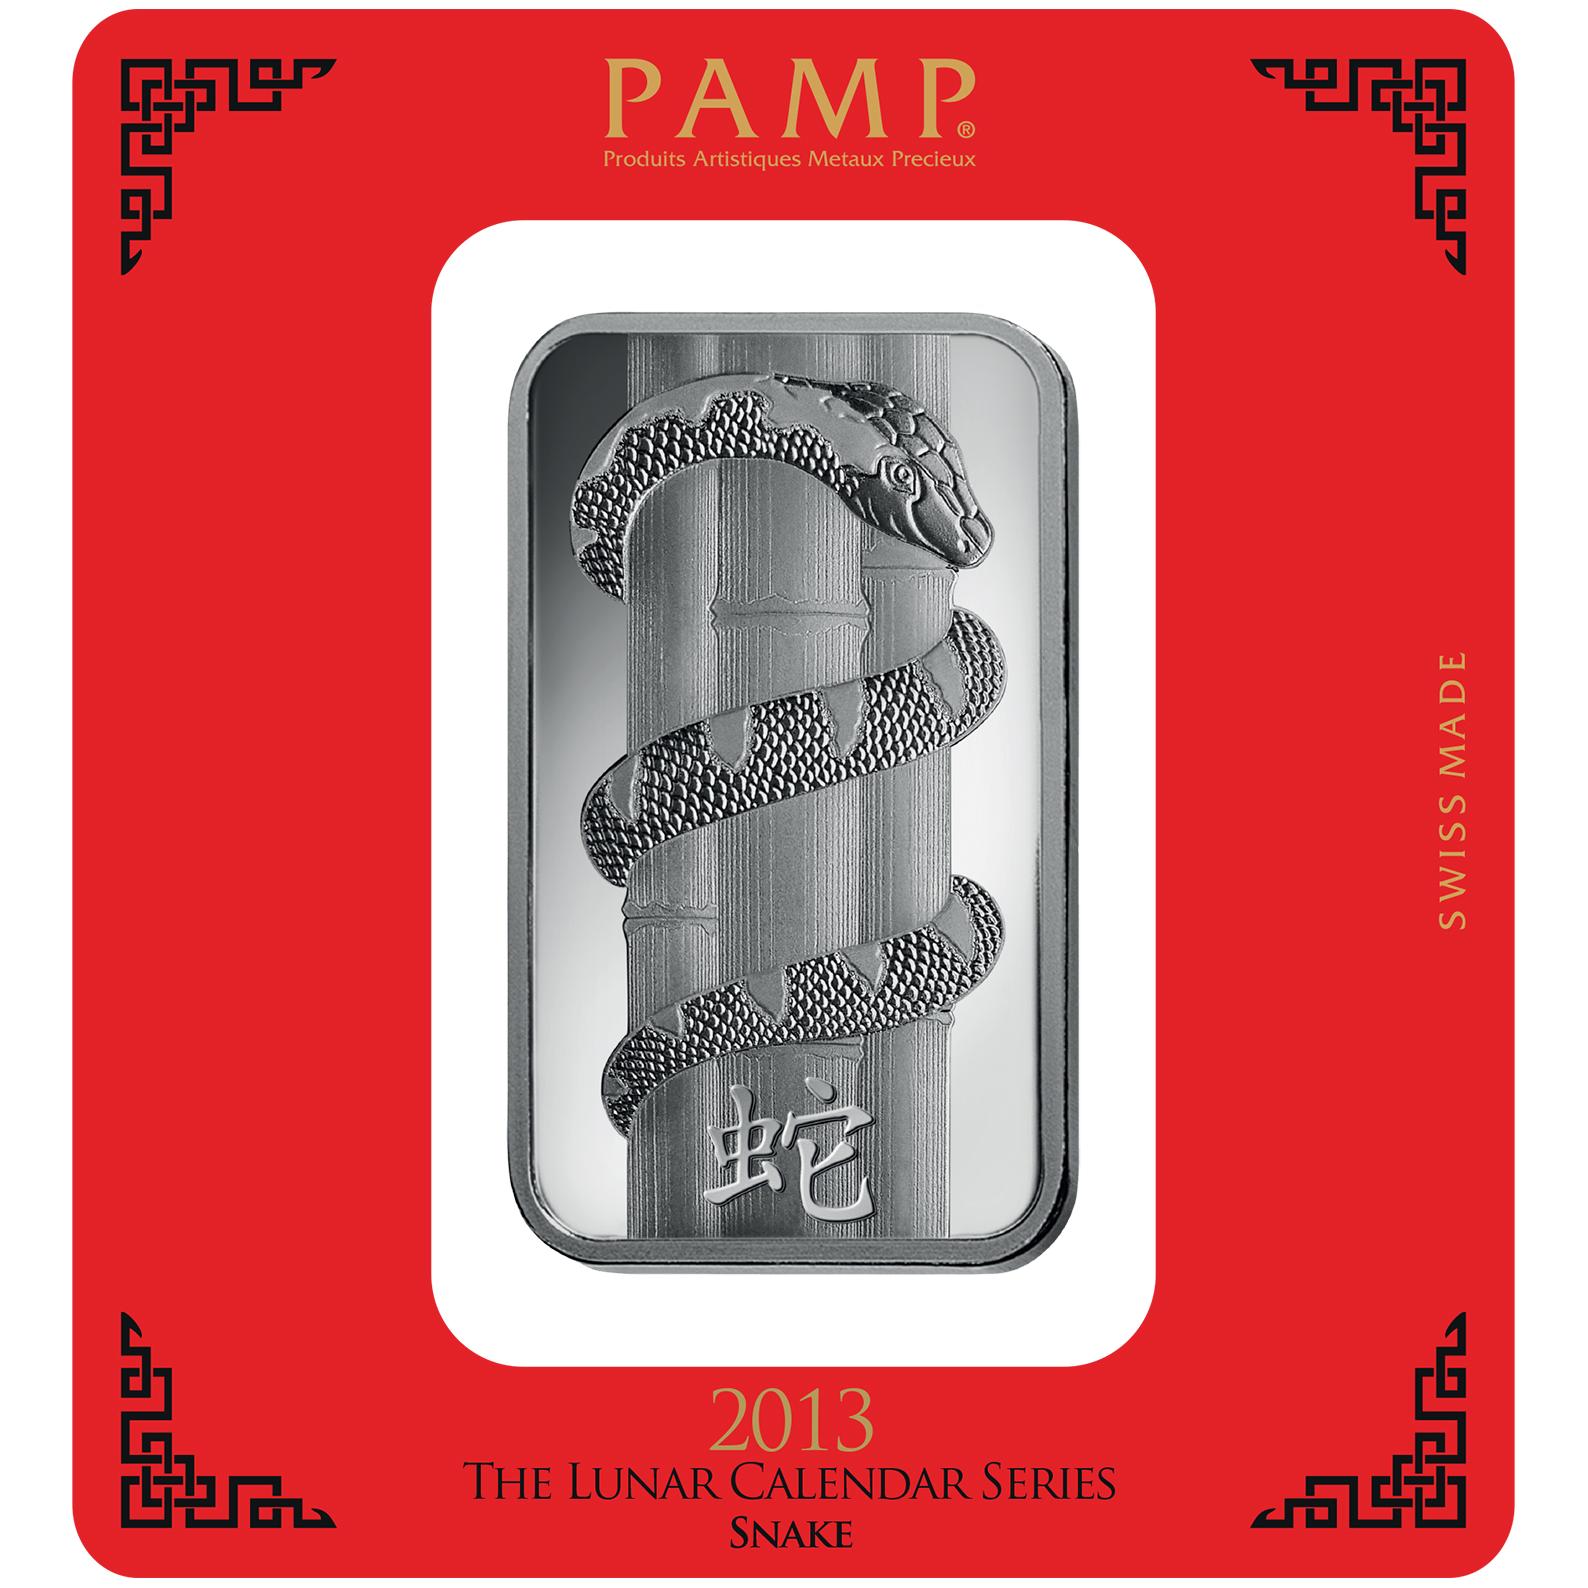 Lingotin d'argent de 100 grammes - PAMP Suisse Lunar Serpent